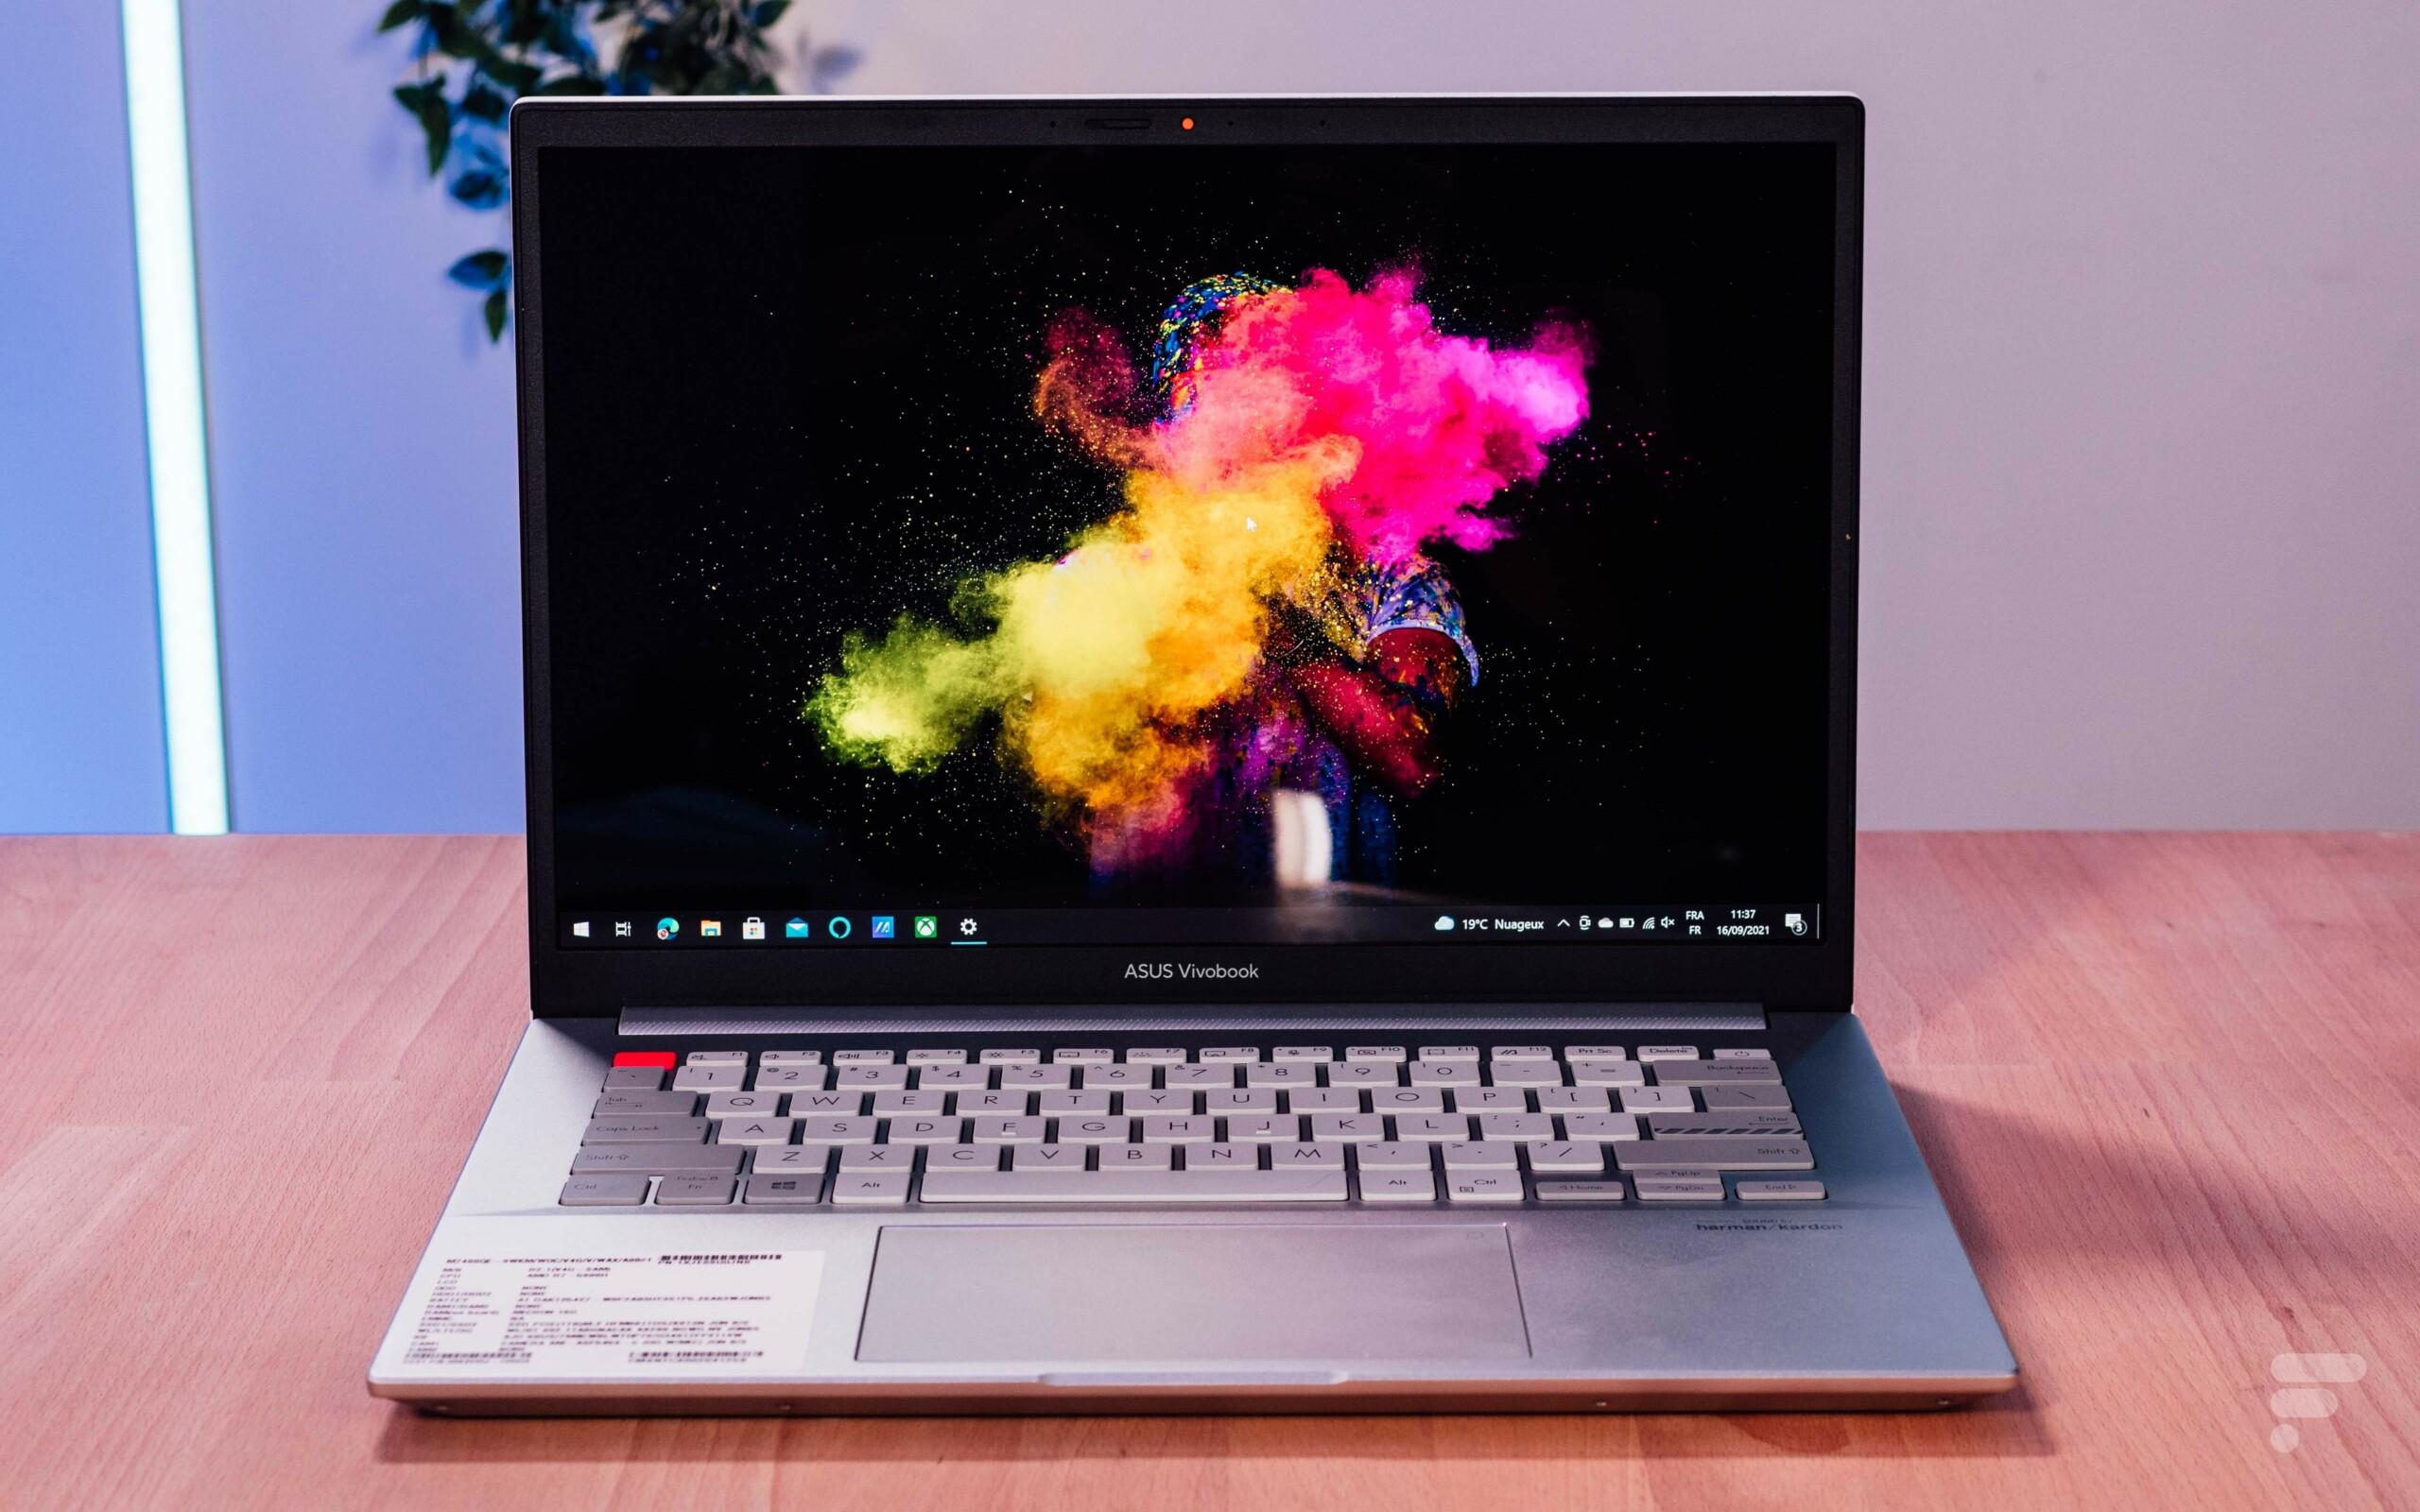 Test de l'Asus Vivobook Pro 14X OLED (M7400) : un écran magnifique et le bon rapport polyvalence/prix